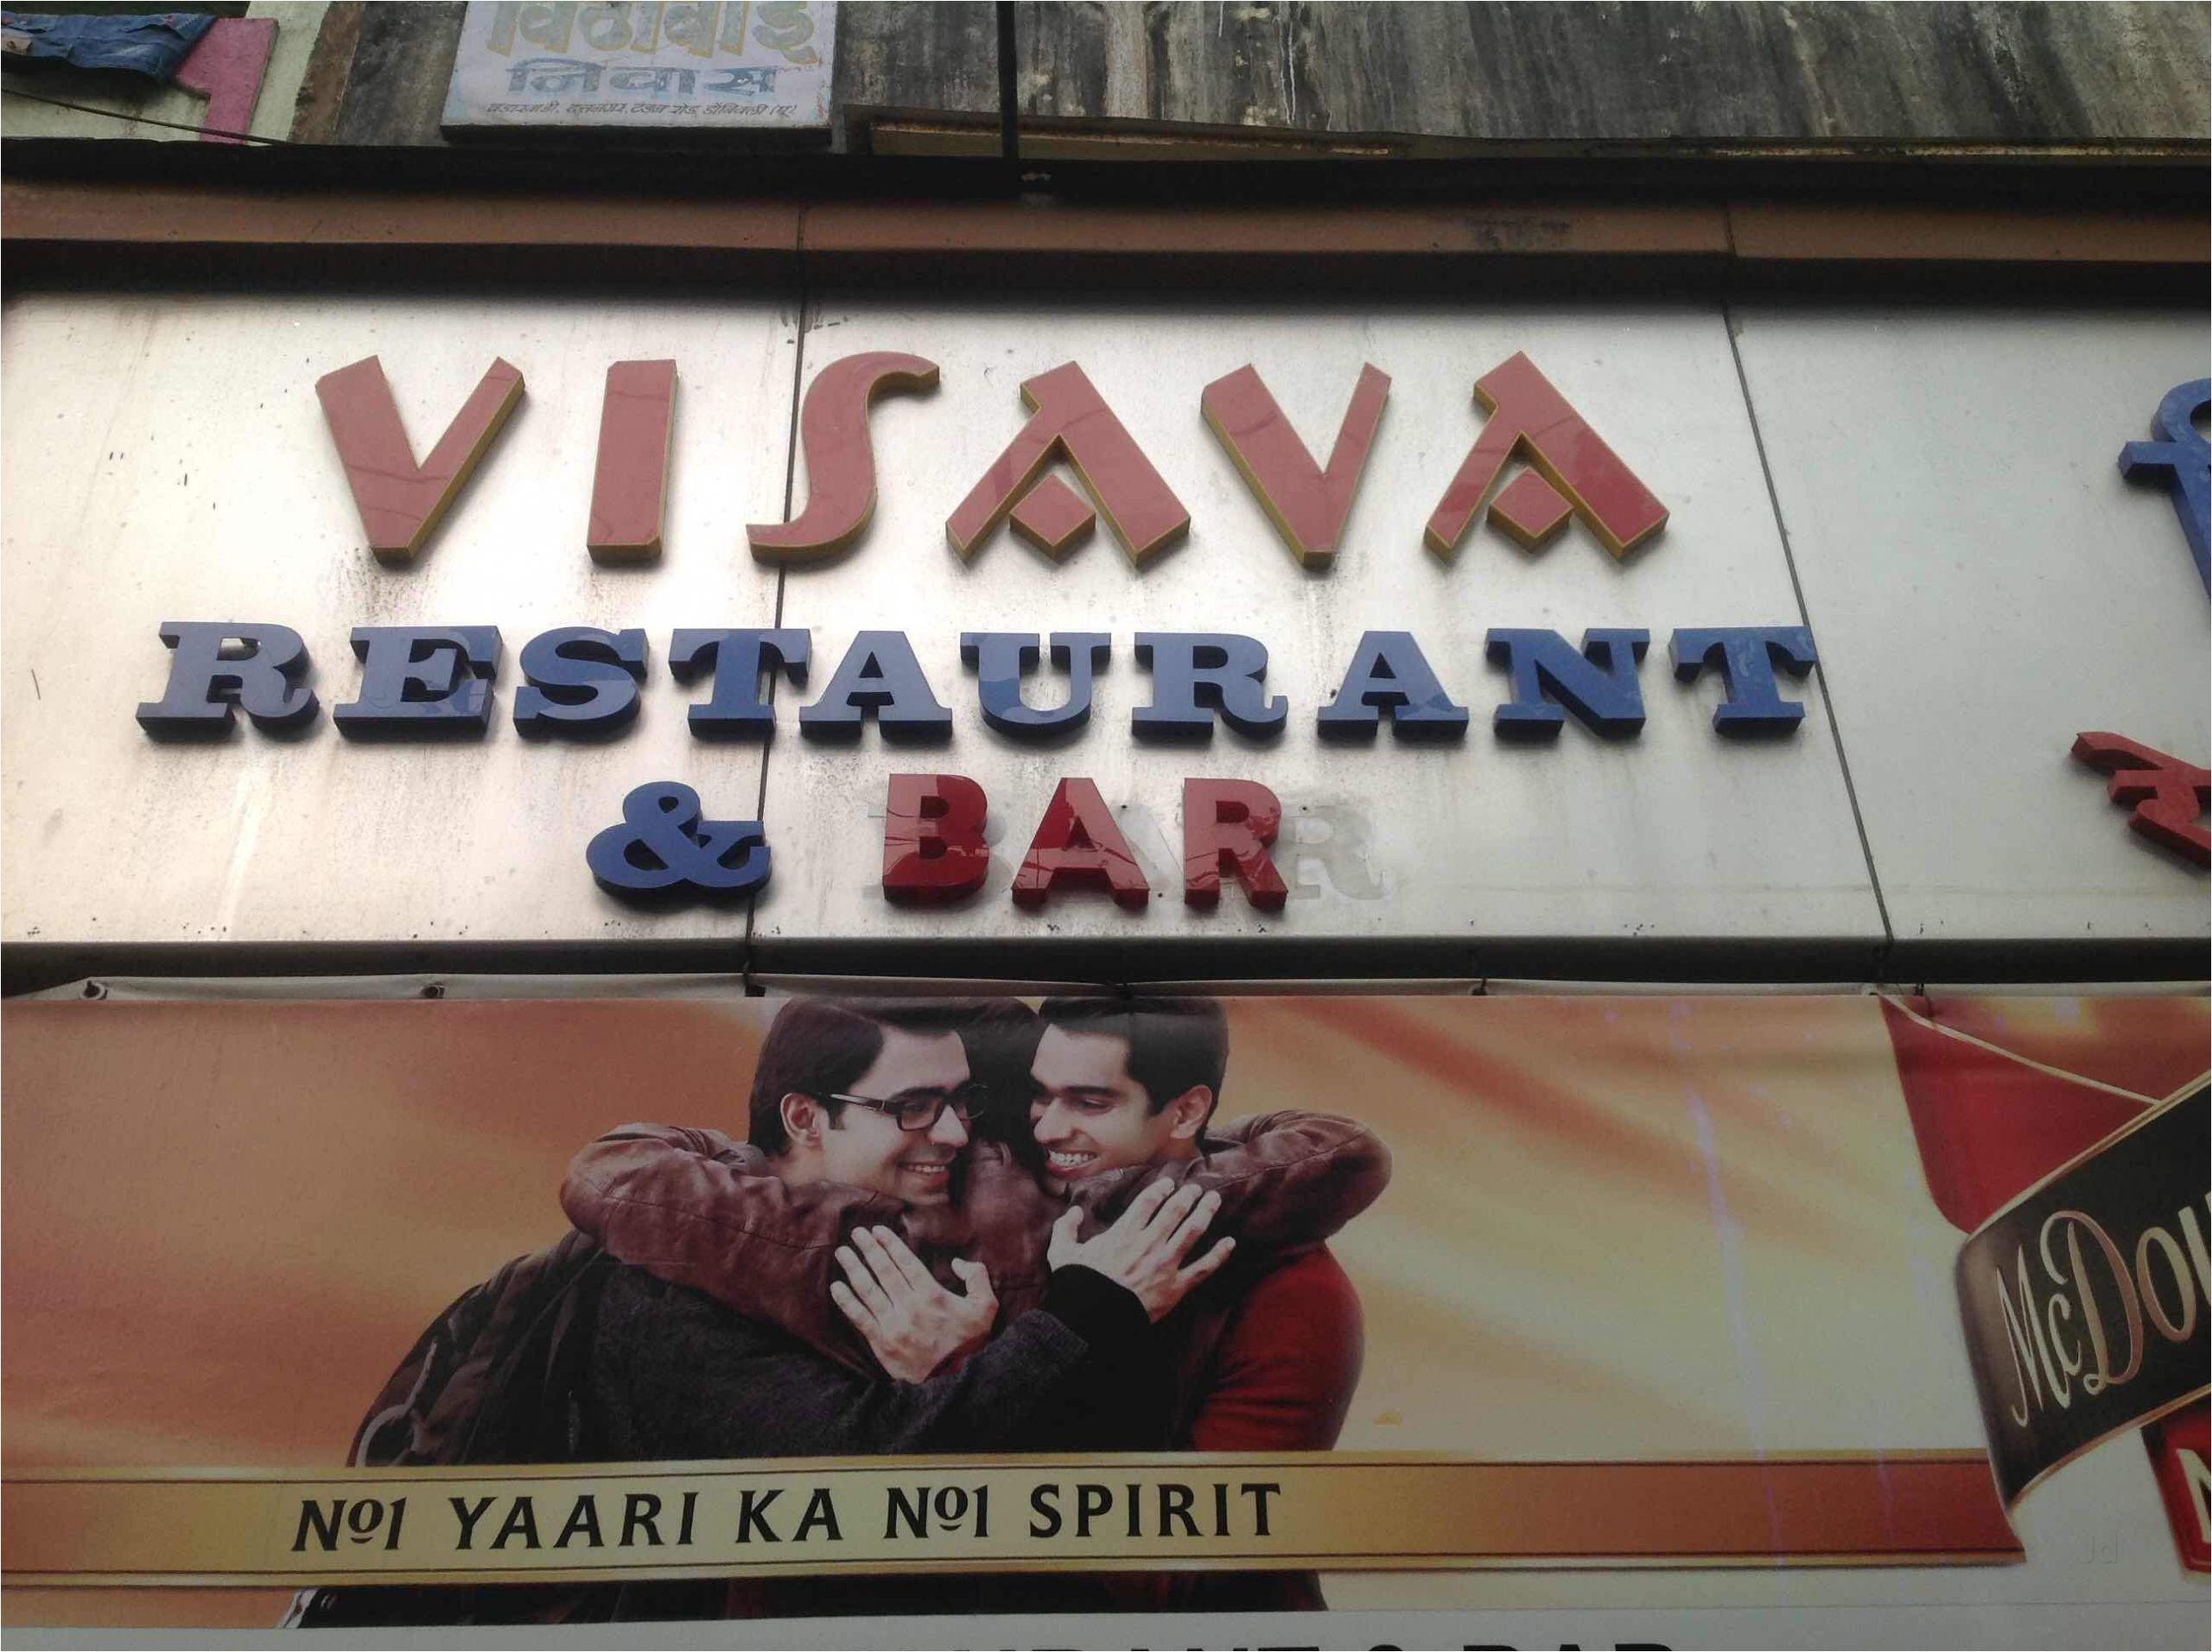 visava restaurant and bar dombivli east thane restaurants iw679 jpg